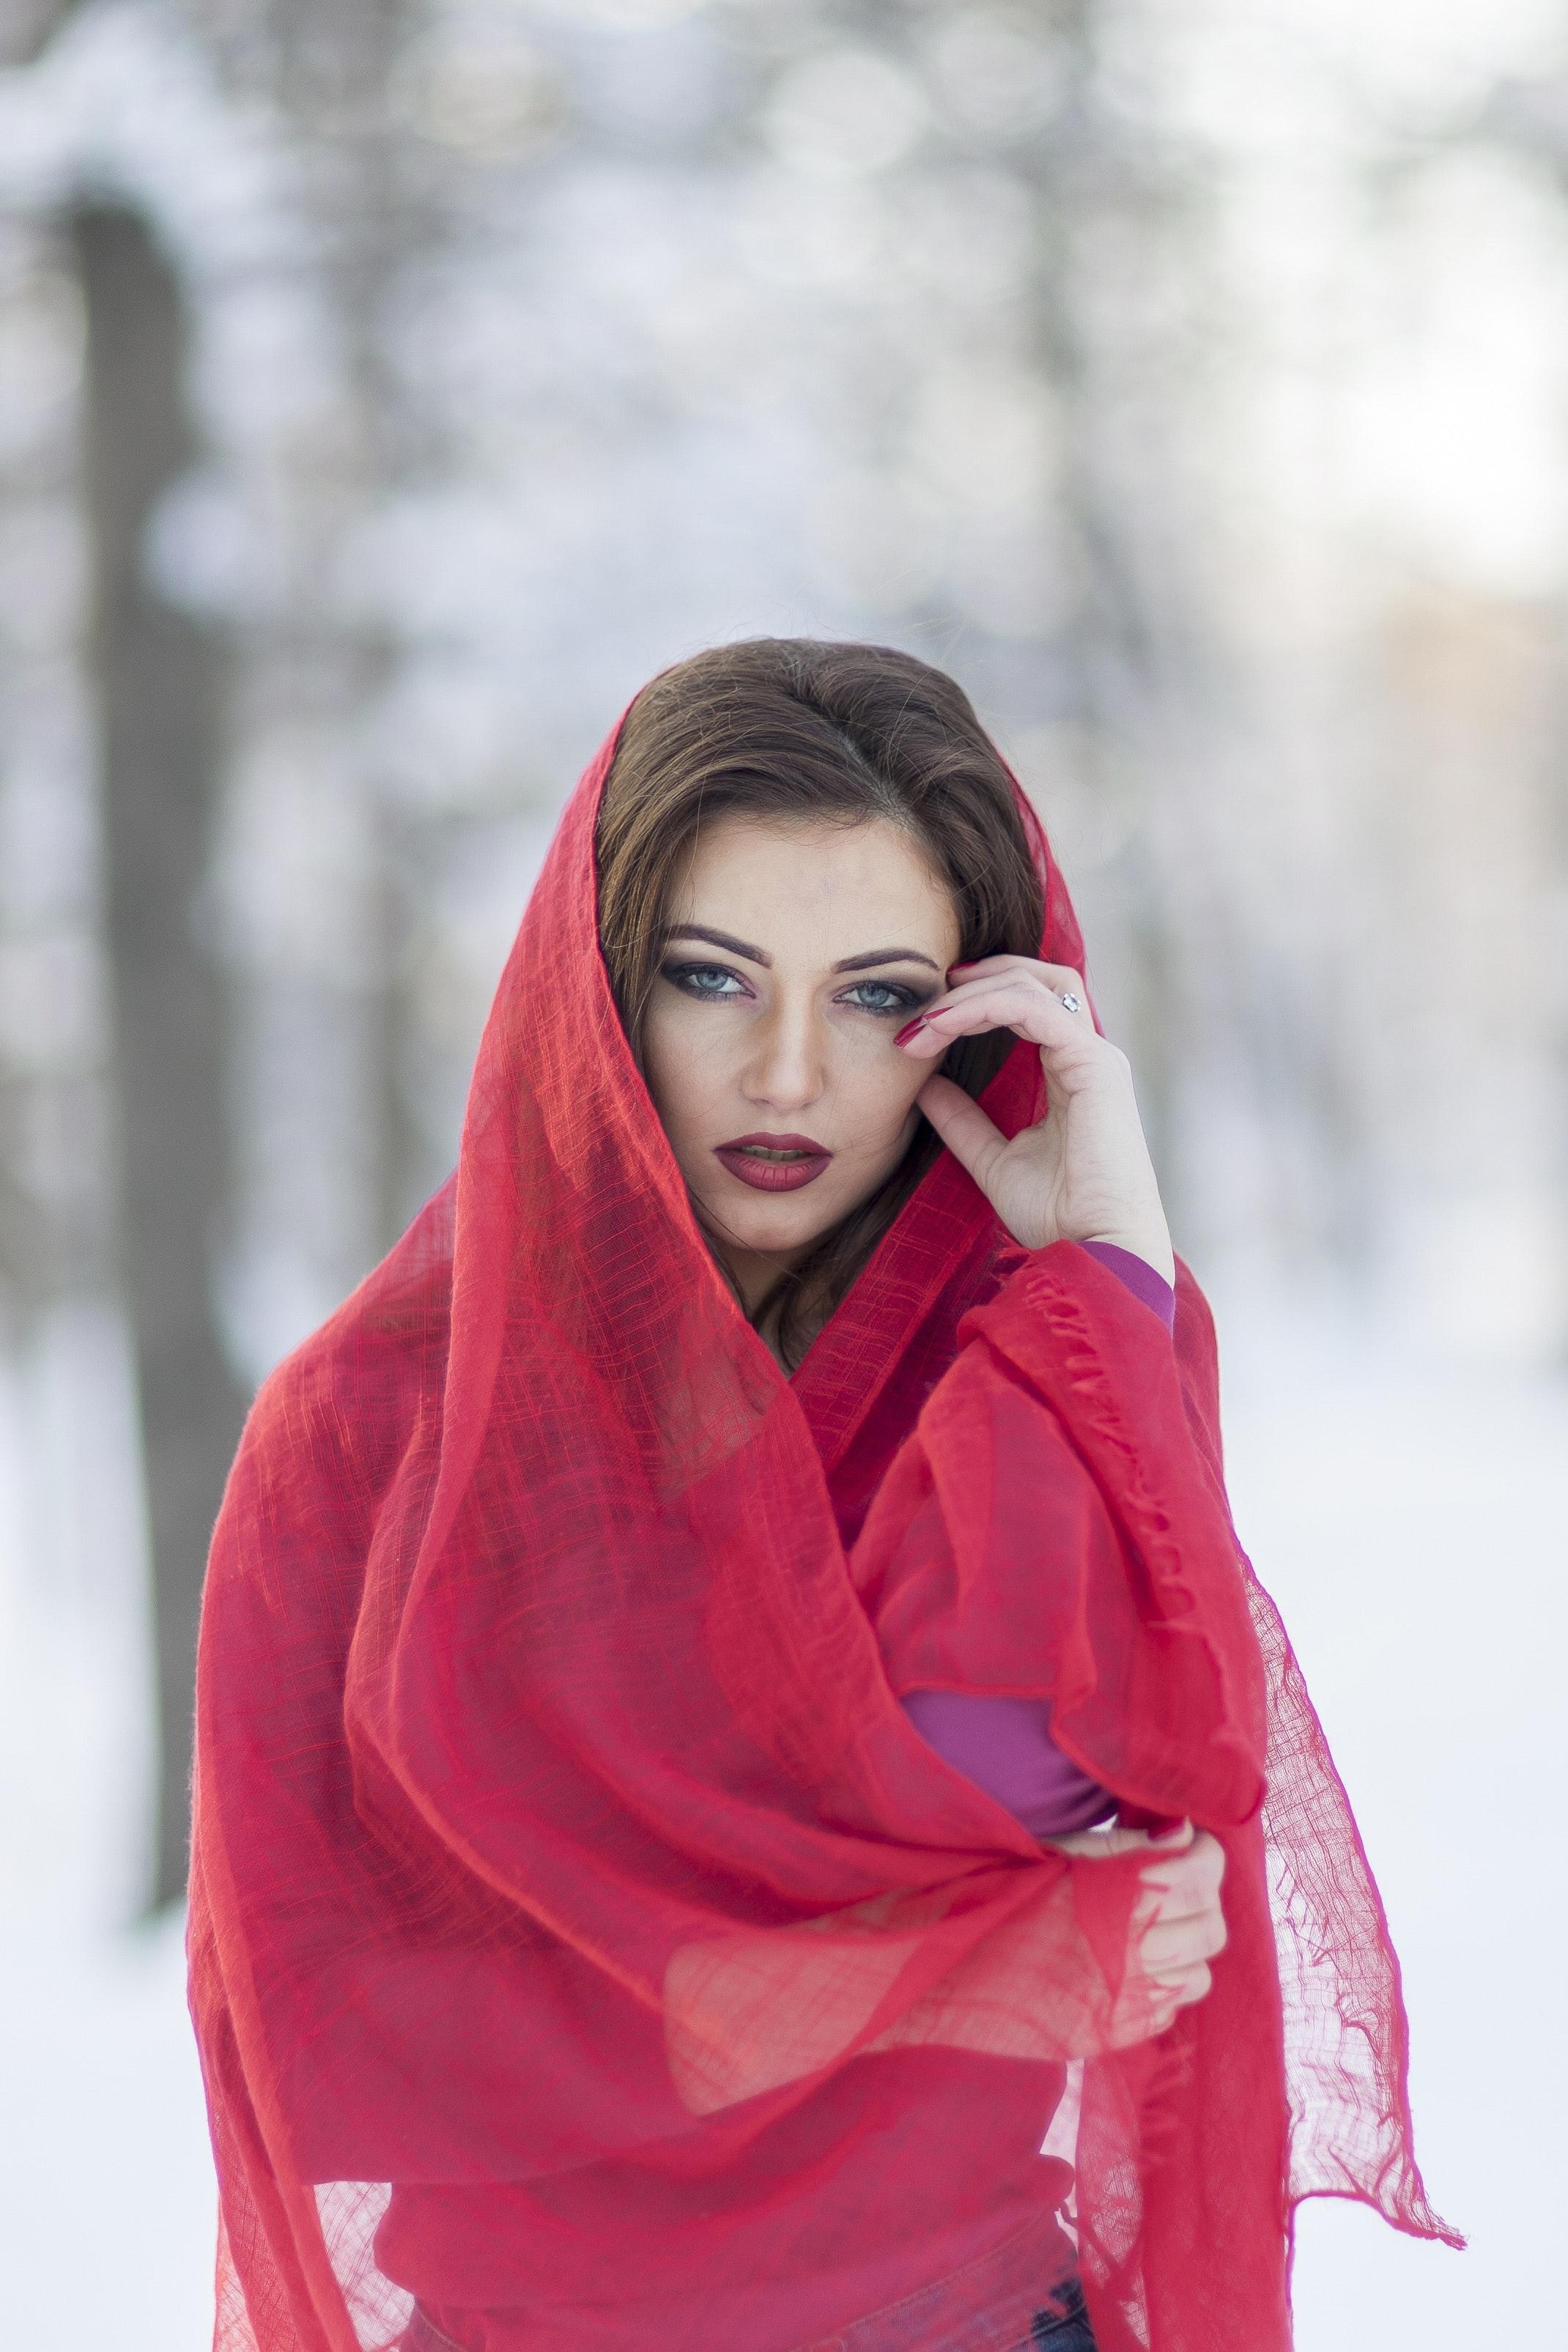 123a115d4 1000+ Beautiful Glamour Photos · Pexels · Free Stock Photos